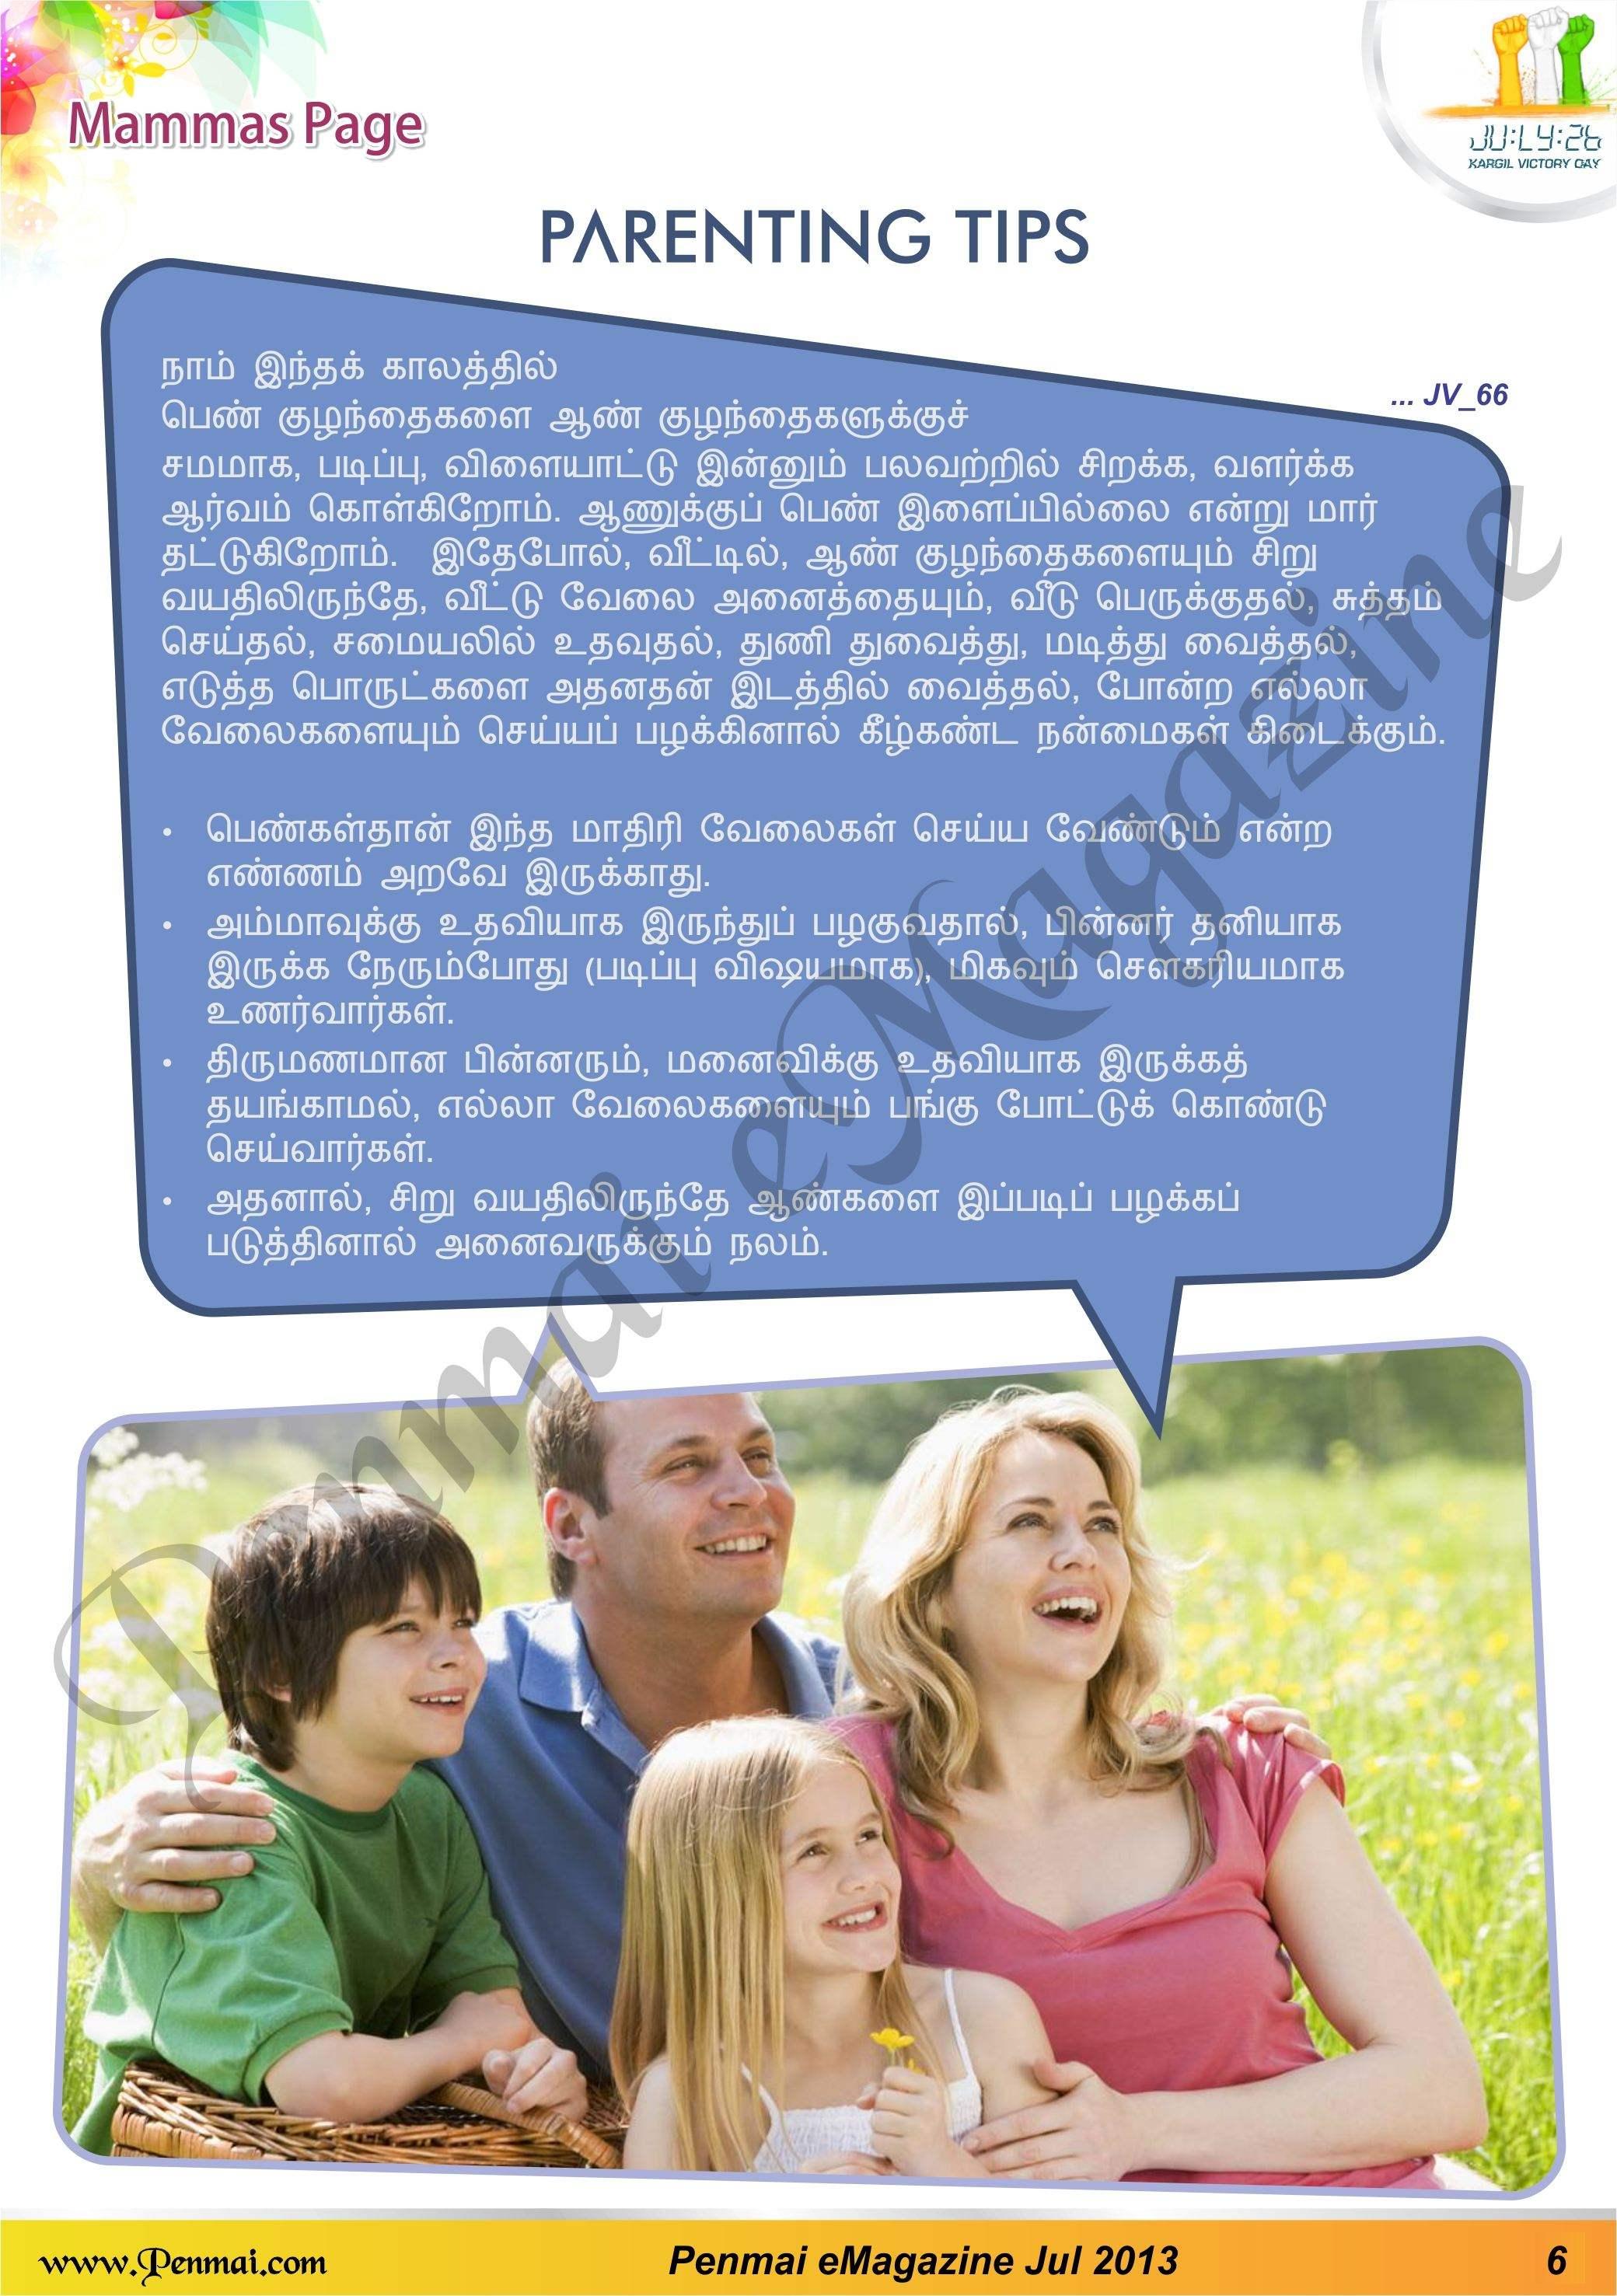 6-Penmai_July_emagazine-parenting tips.jpg